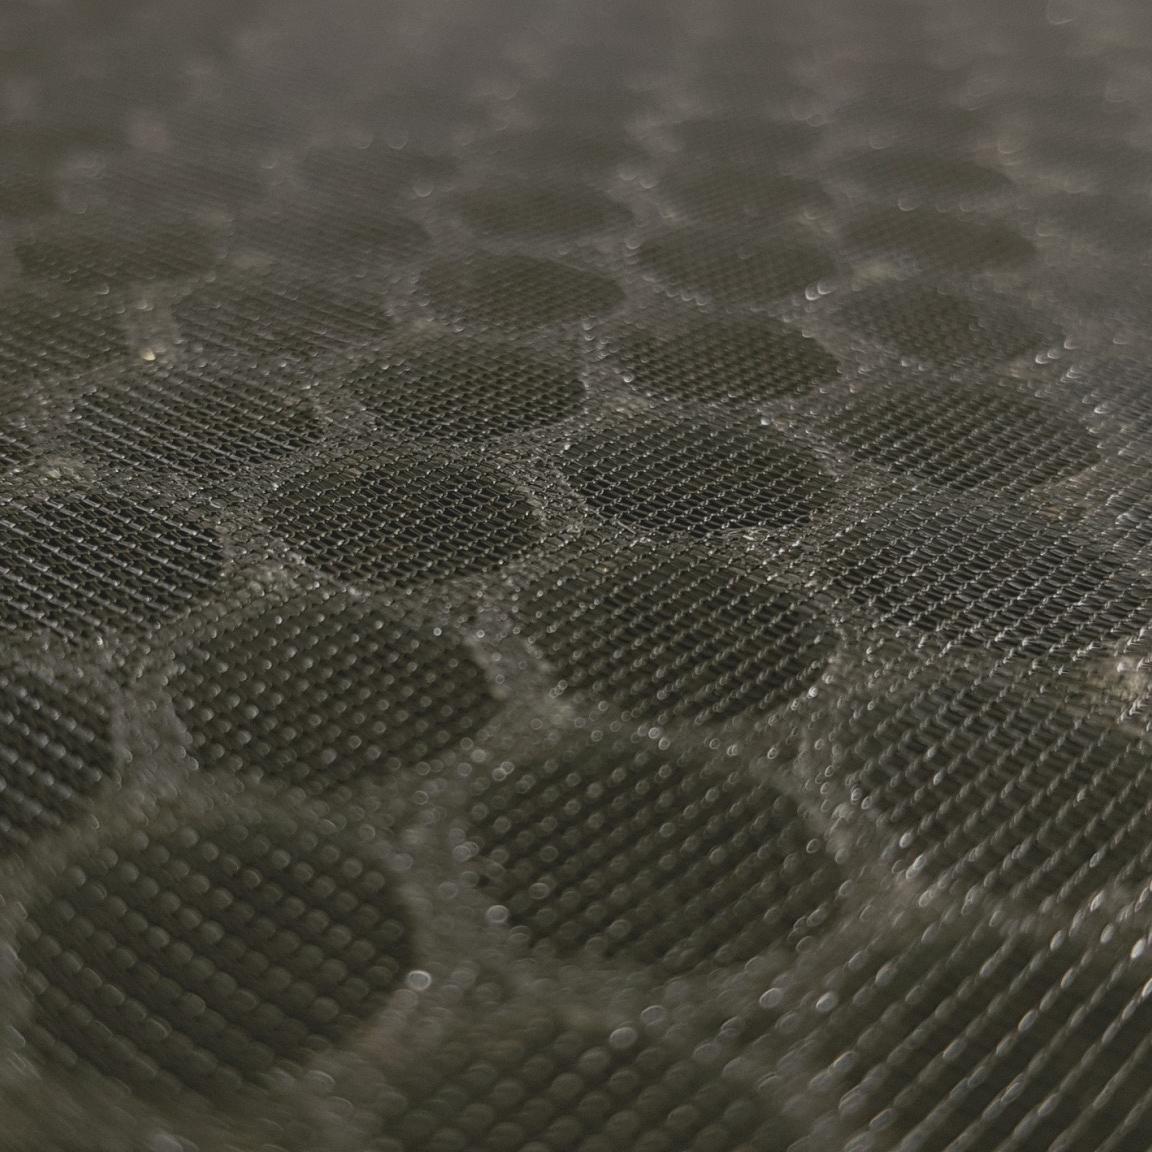 ไส้กรอง Activated carbon filter มีรูพรุนสูงจึงใช้ดูดซับสารละเหย และกลิ่นได้อย่างดี